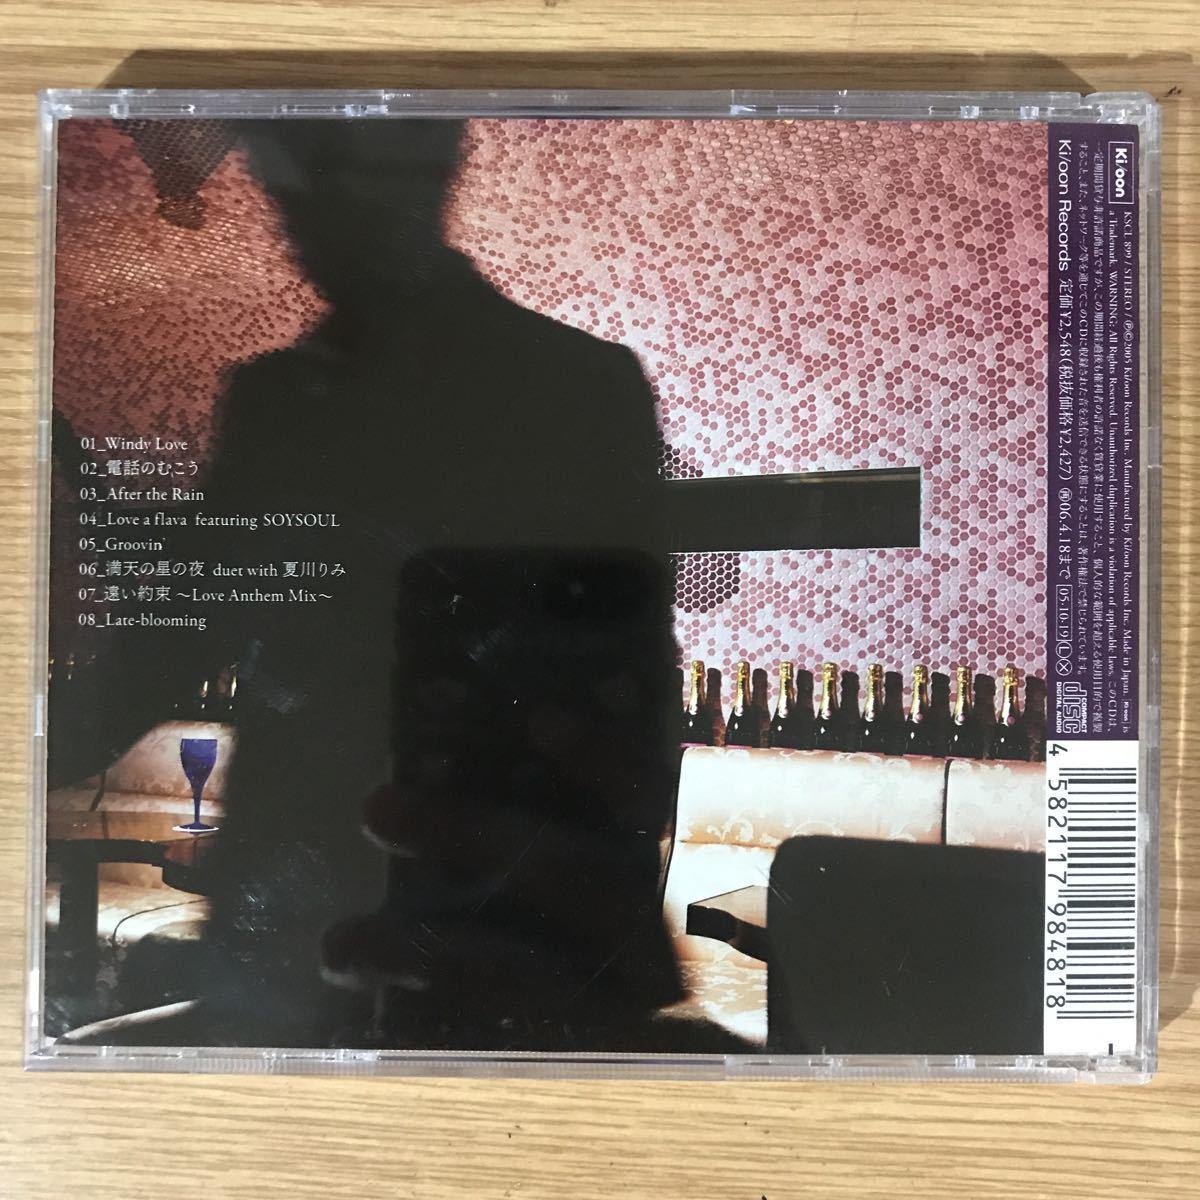 ヤフオク! - (B89)中古CD100円 黒沢薫 Love Anthem